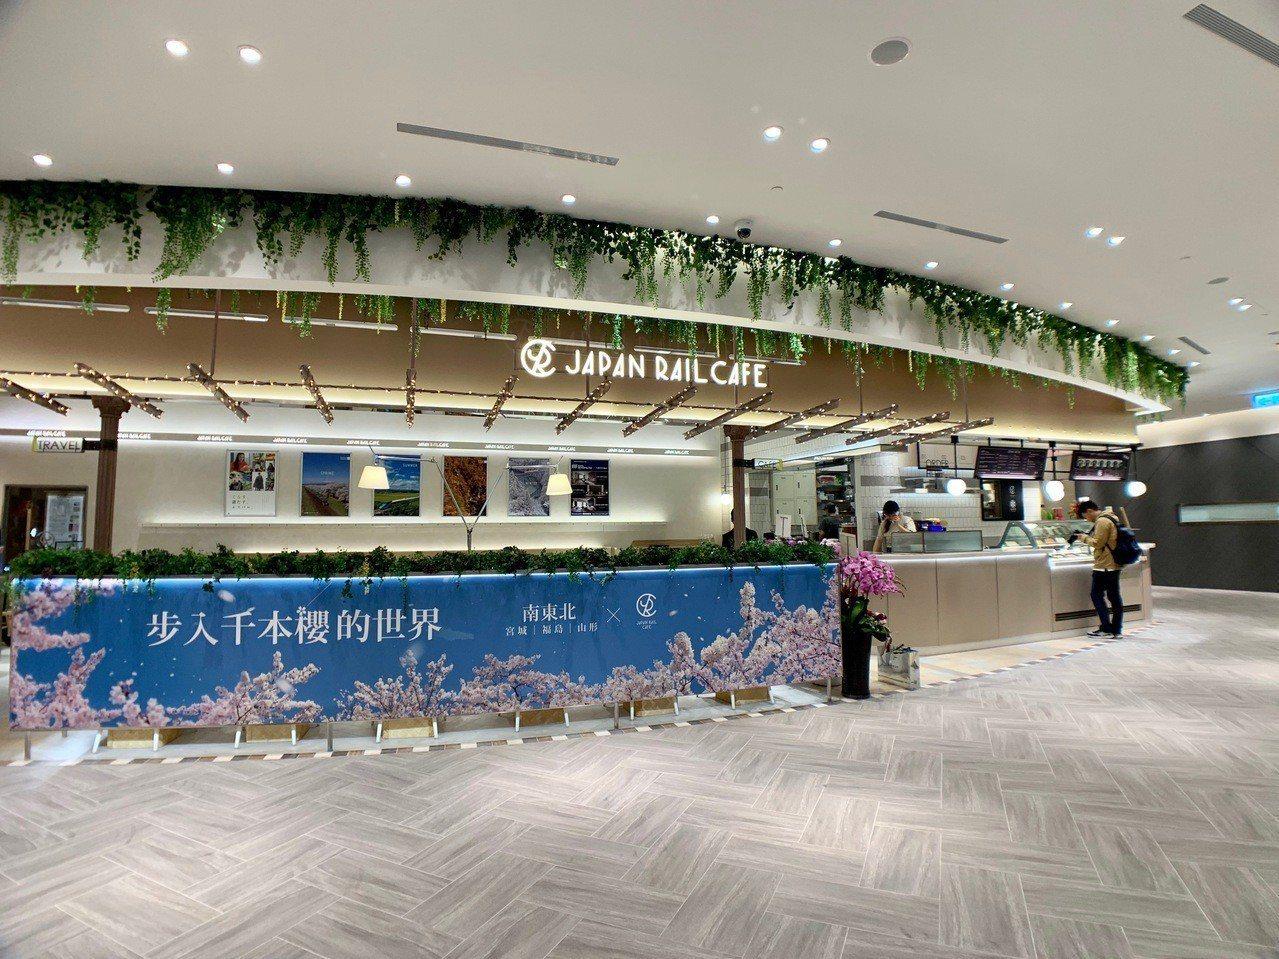 JAPAN RAIL CAFE微風南山店。記者張芳瑜/攝影